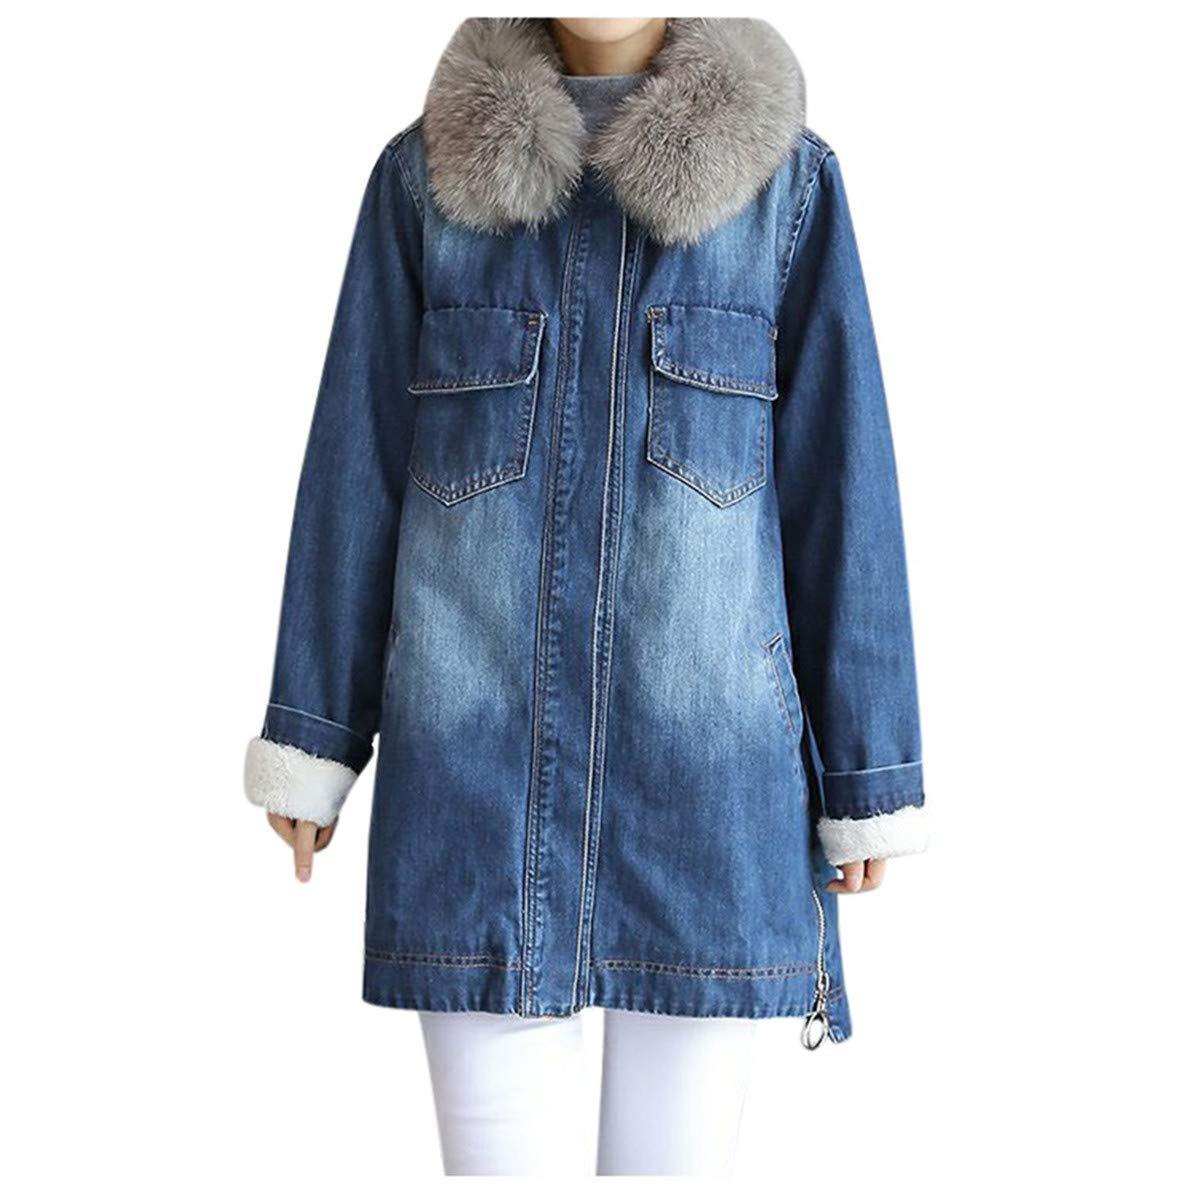 Thenxin Women's Winter Warm Denim Jacket Soft Fleece Lined Faux Fur Collar Loose Parka Outwear(Blue,S) by Thenxin